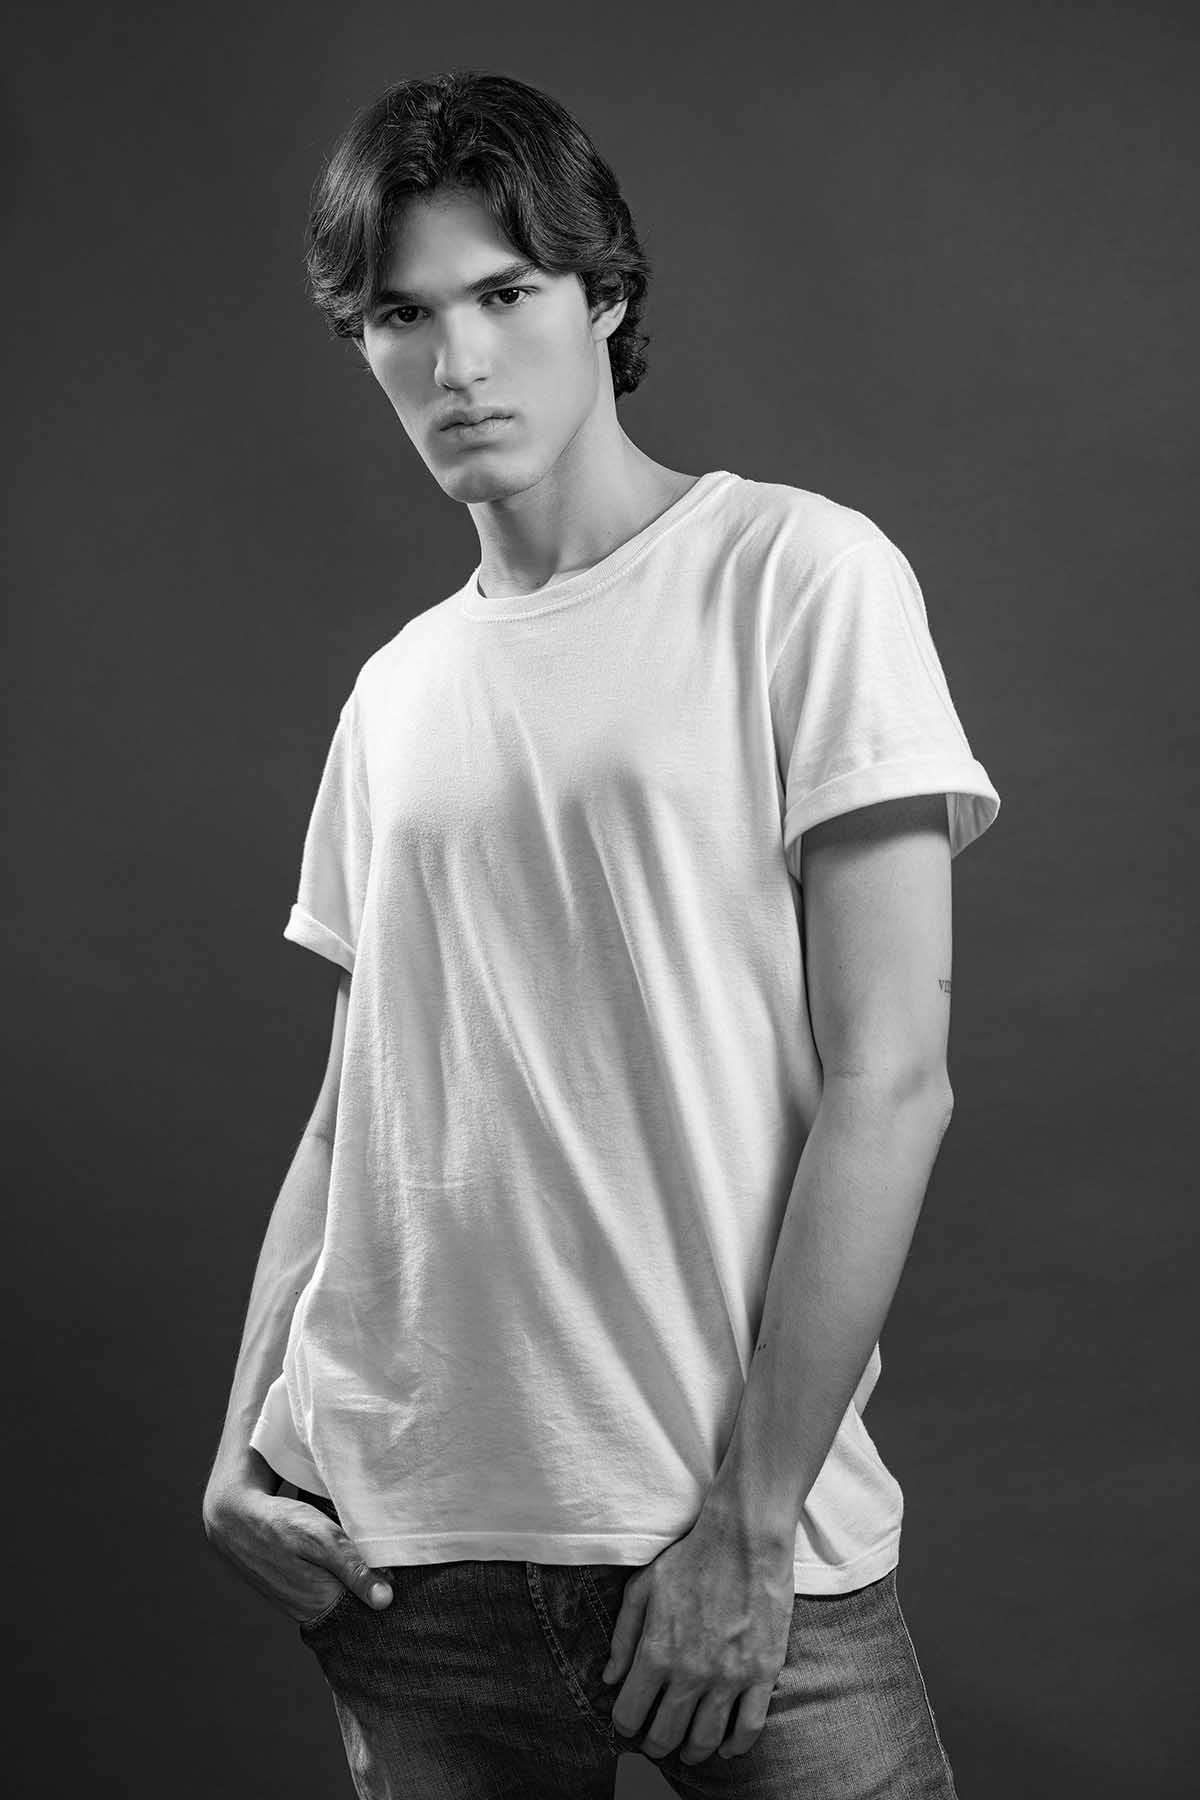 Hugo Araújo by Viny Soares for Brazilian Male Model